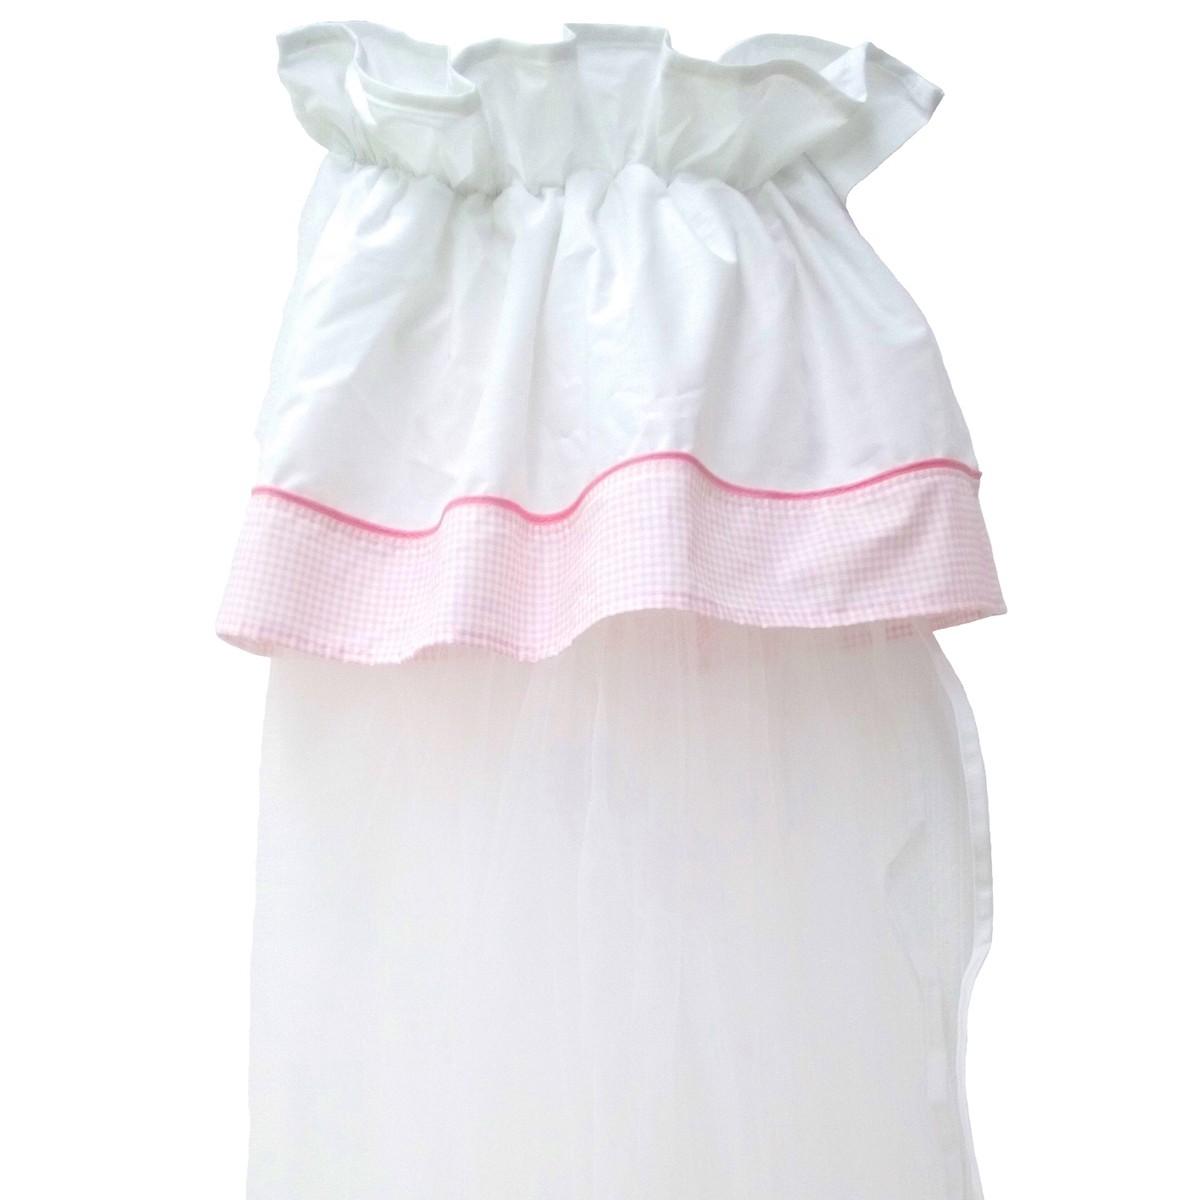 Κουνουπιέρα Κούνιας Κόσμος Του Μωρού Καρό Ροζ 7924